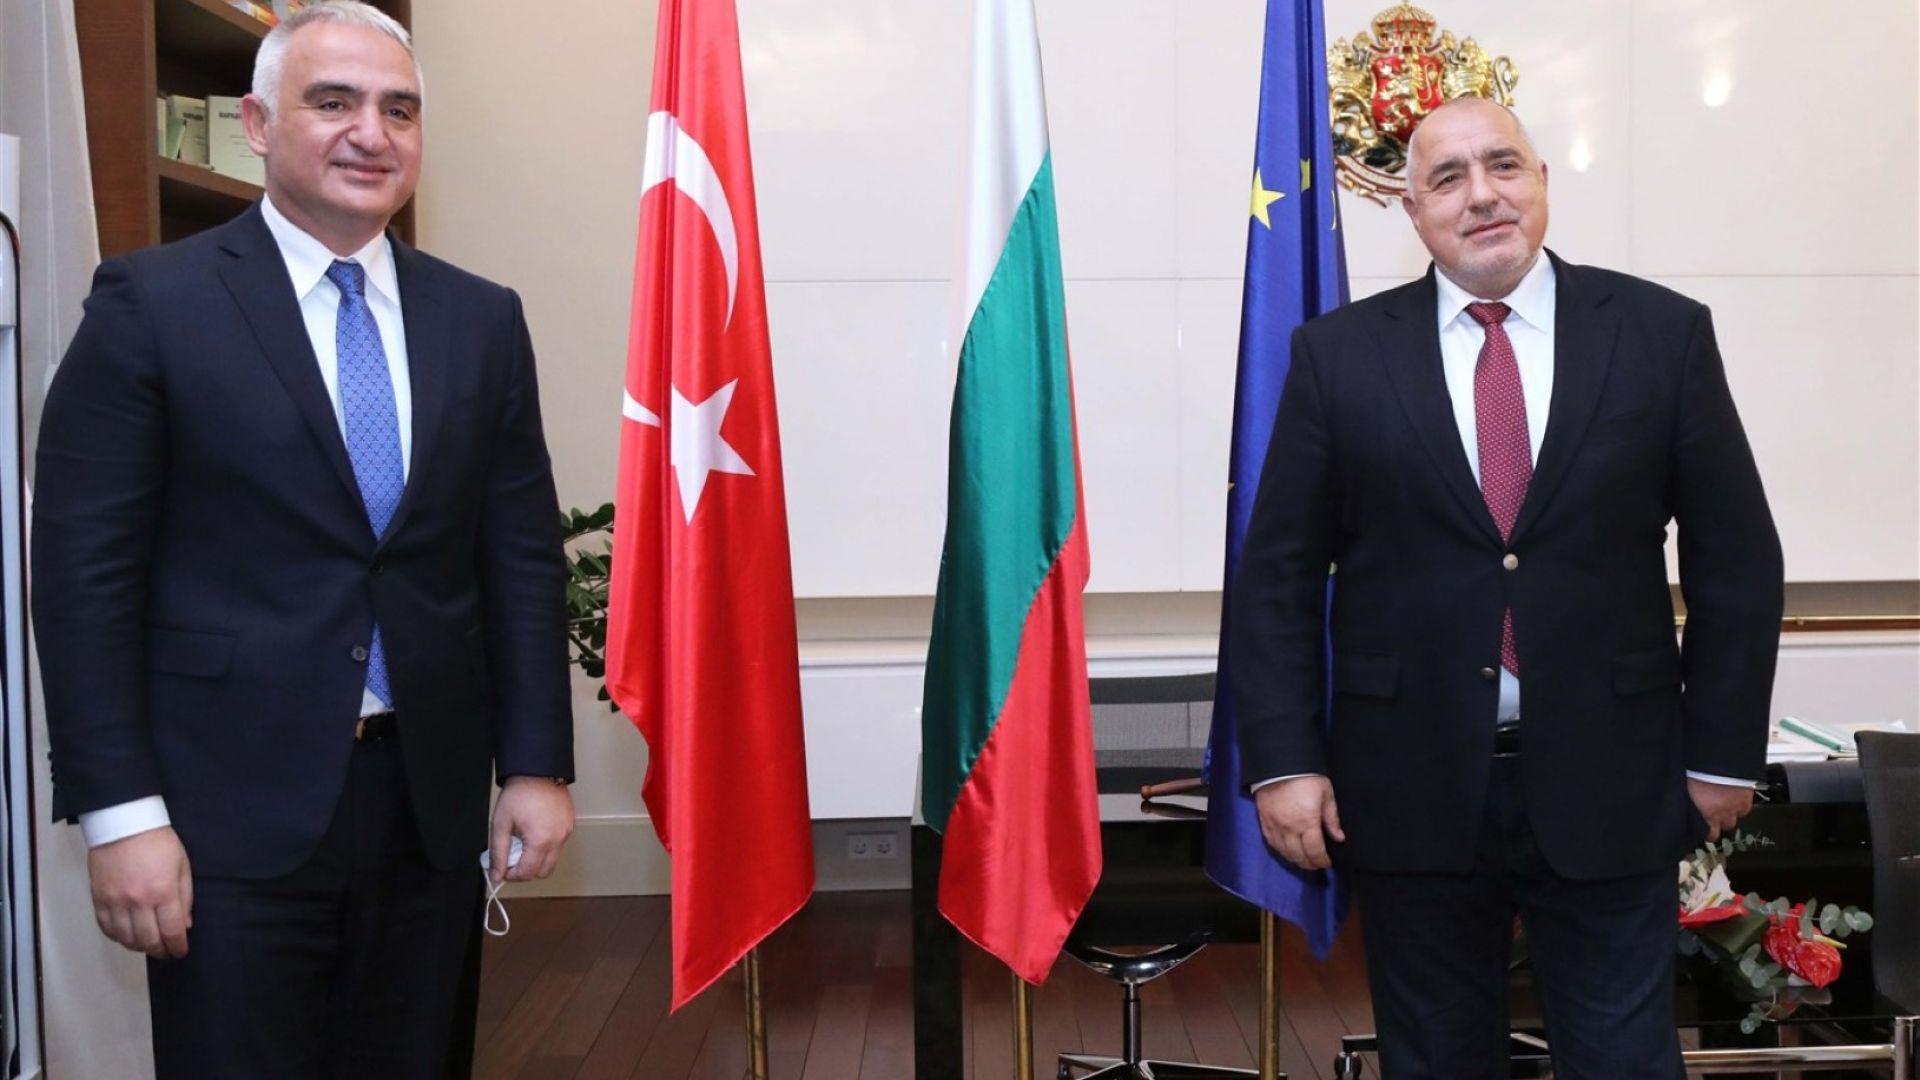 България и Турция ще работят за по-лесното издаване на визи за турски туристи